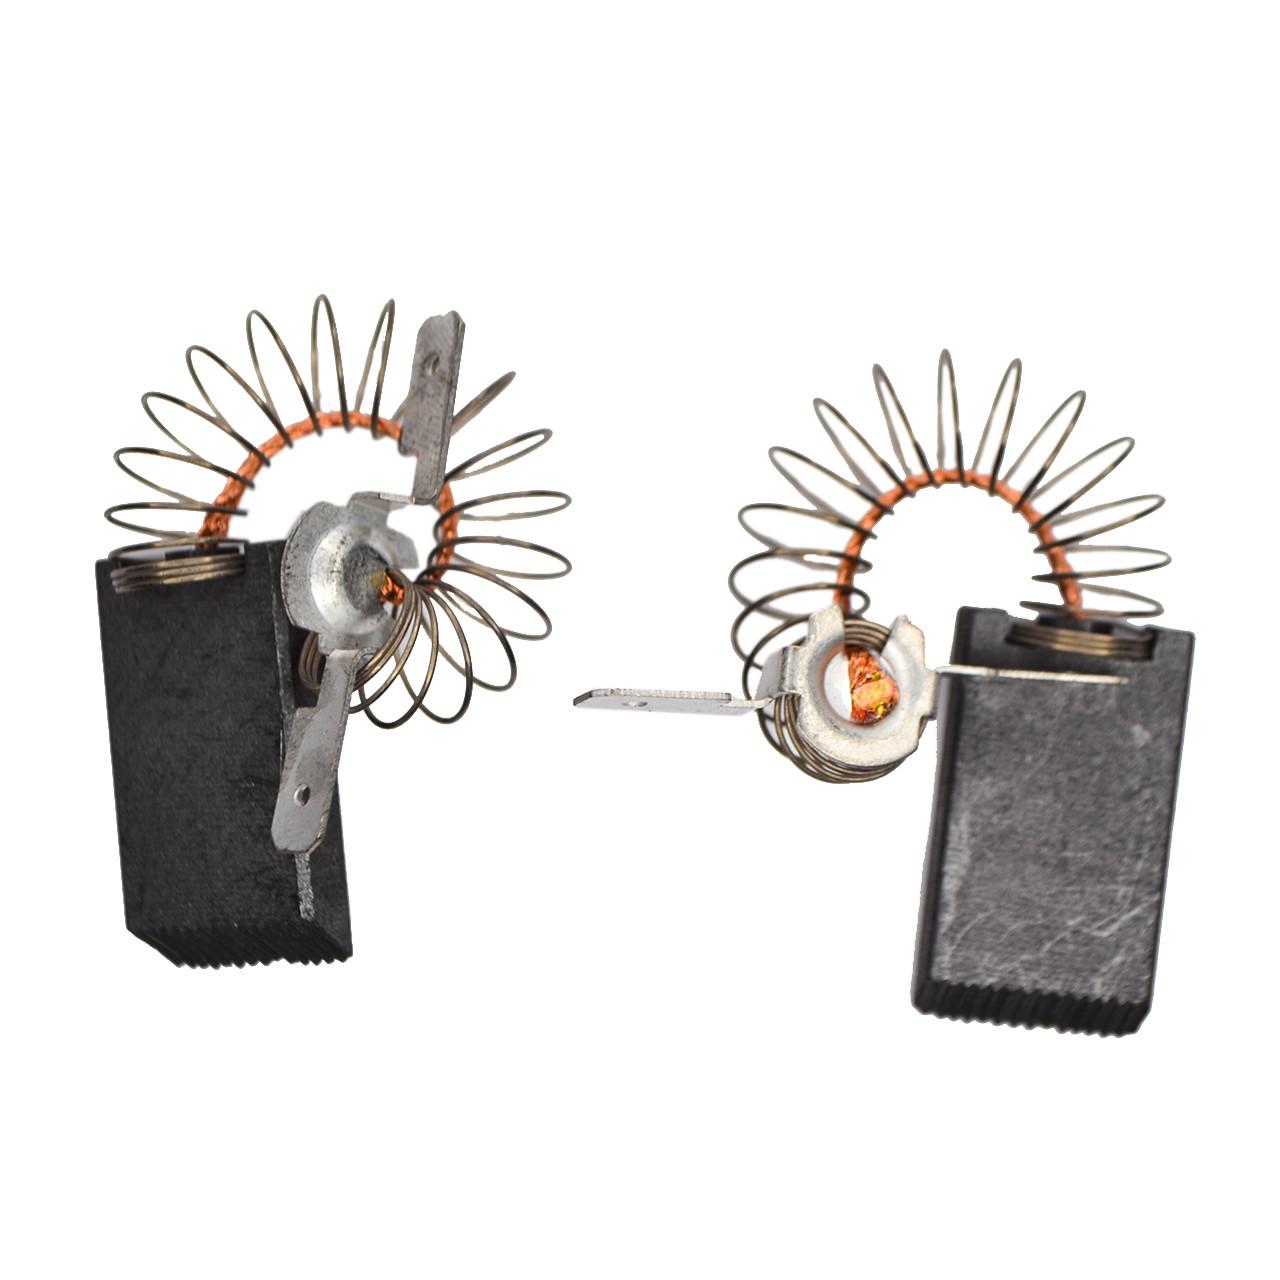 Щетка угольные 5*15*27 цельные, провод по центру с пружинкой